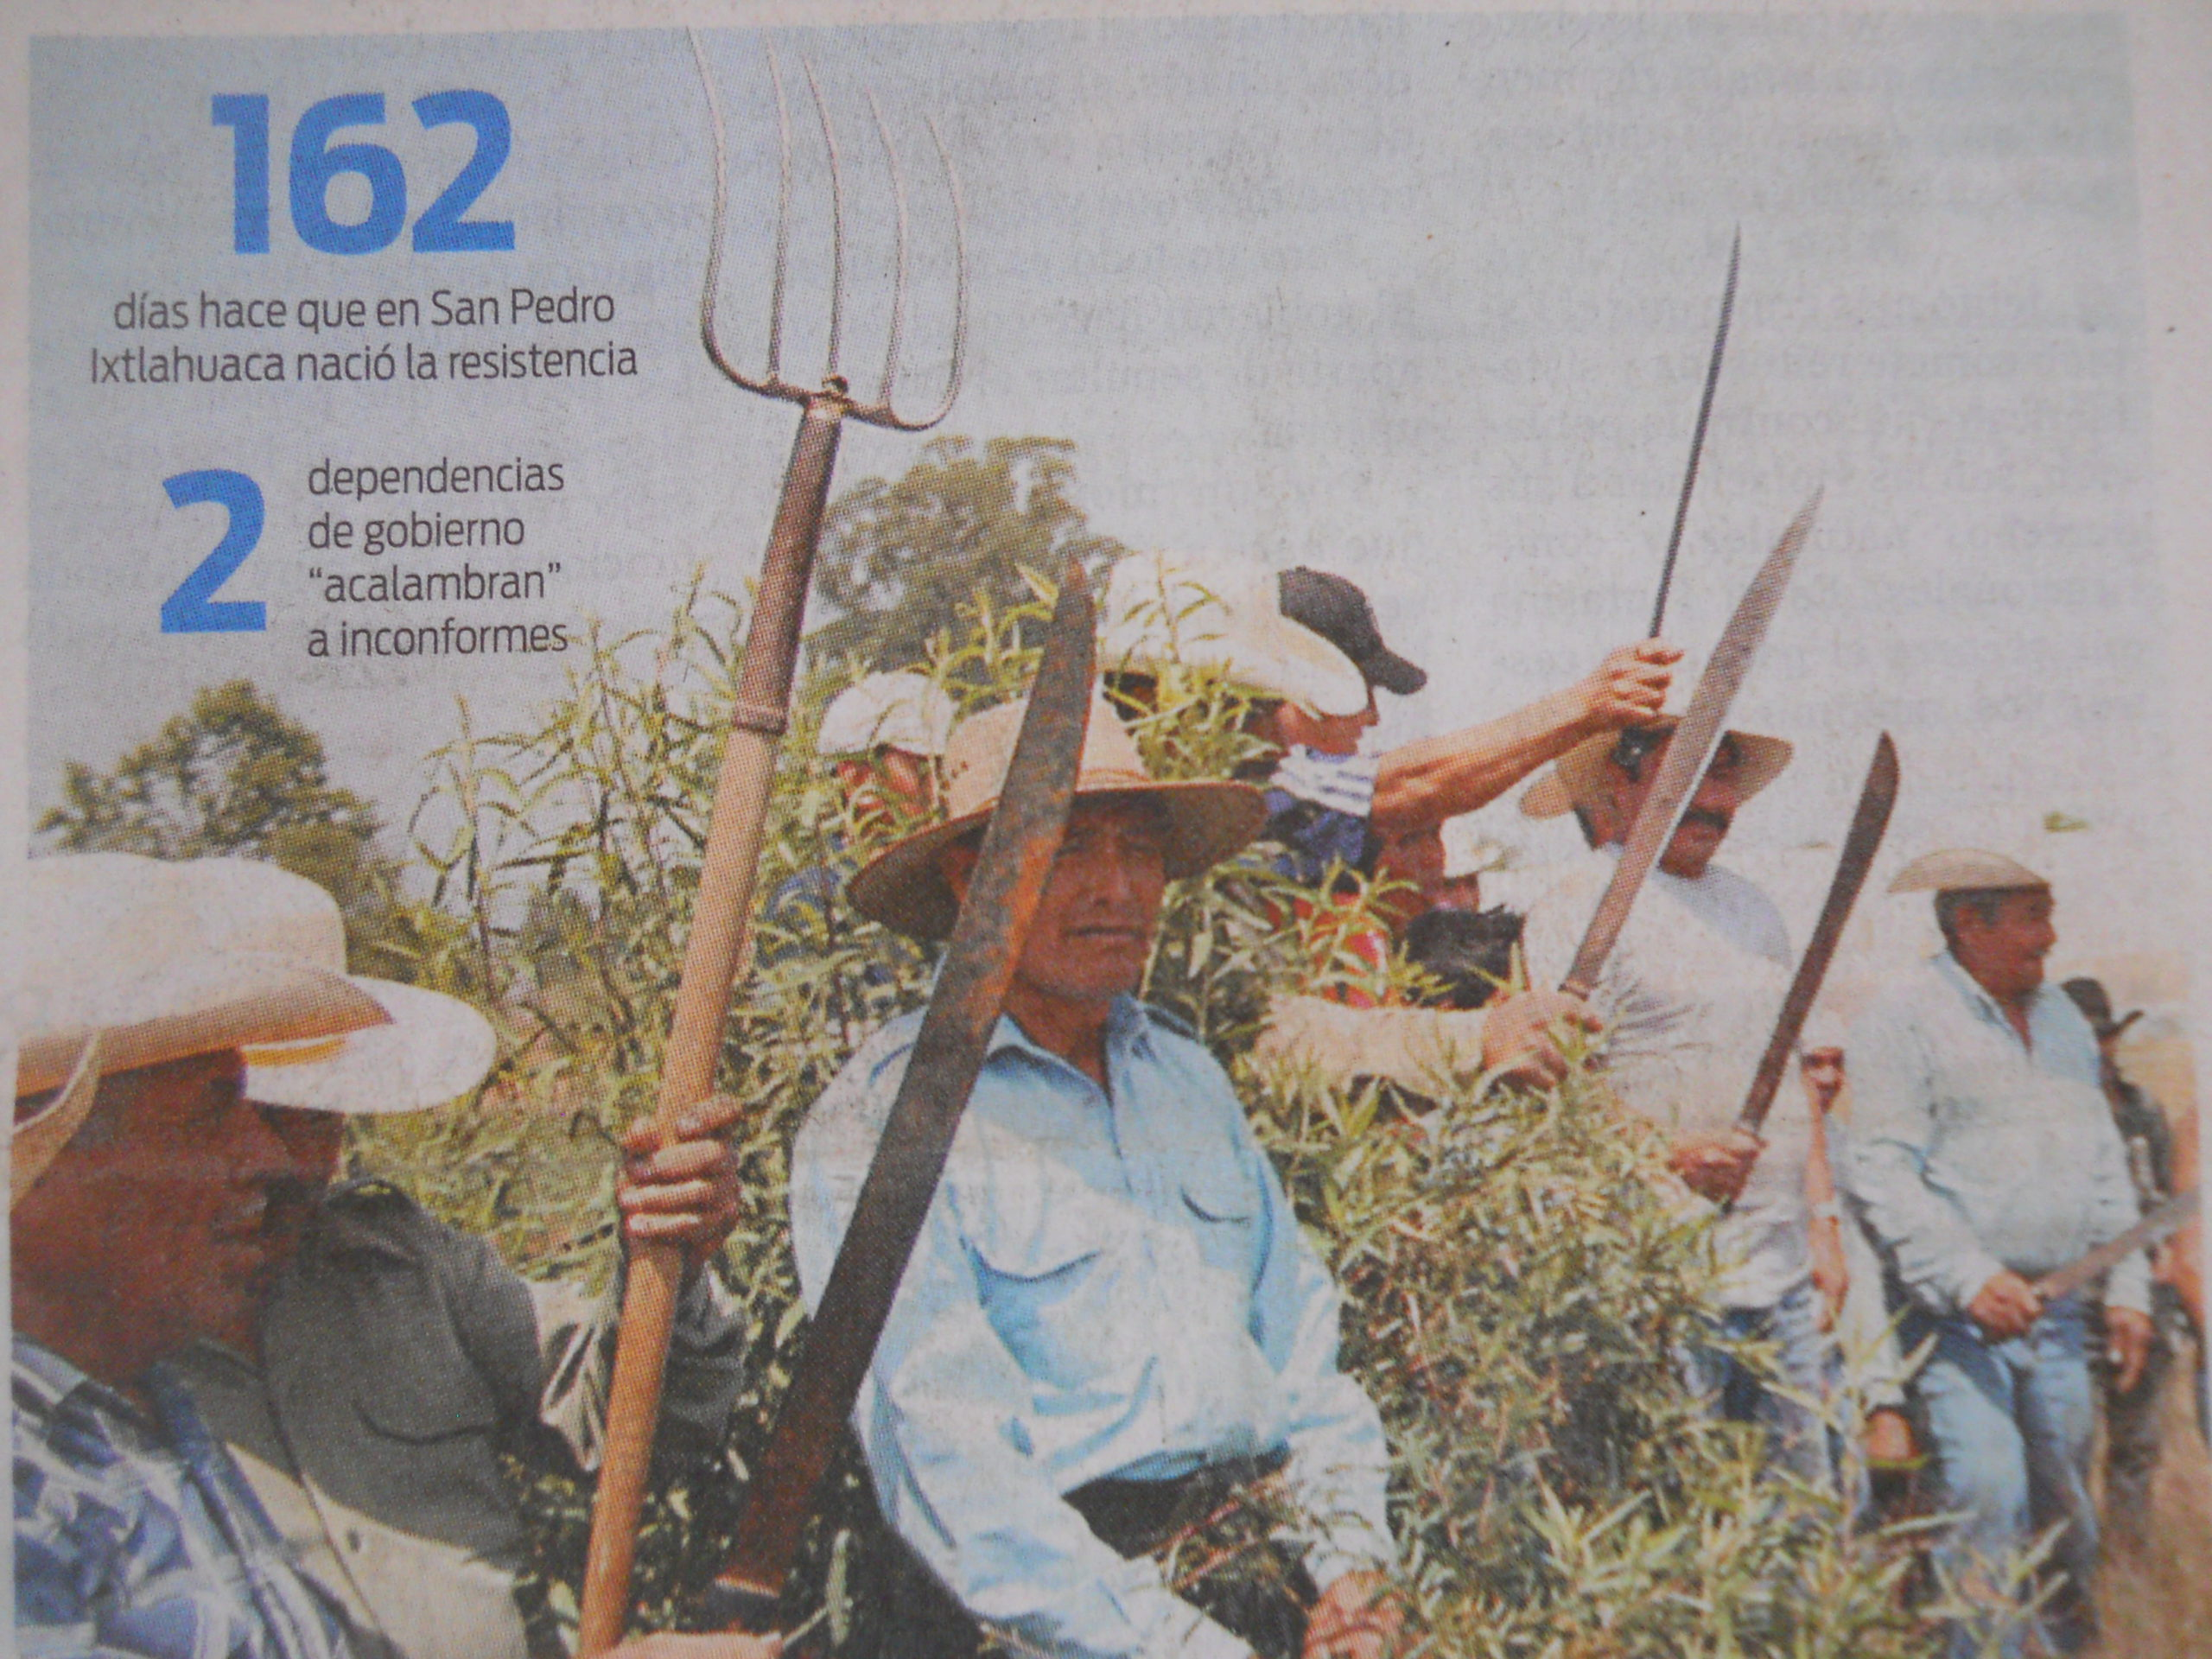 La ruta del despojo en los valles centrales de Oaxaca